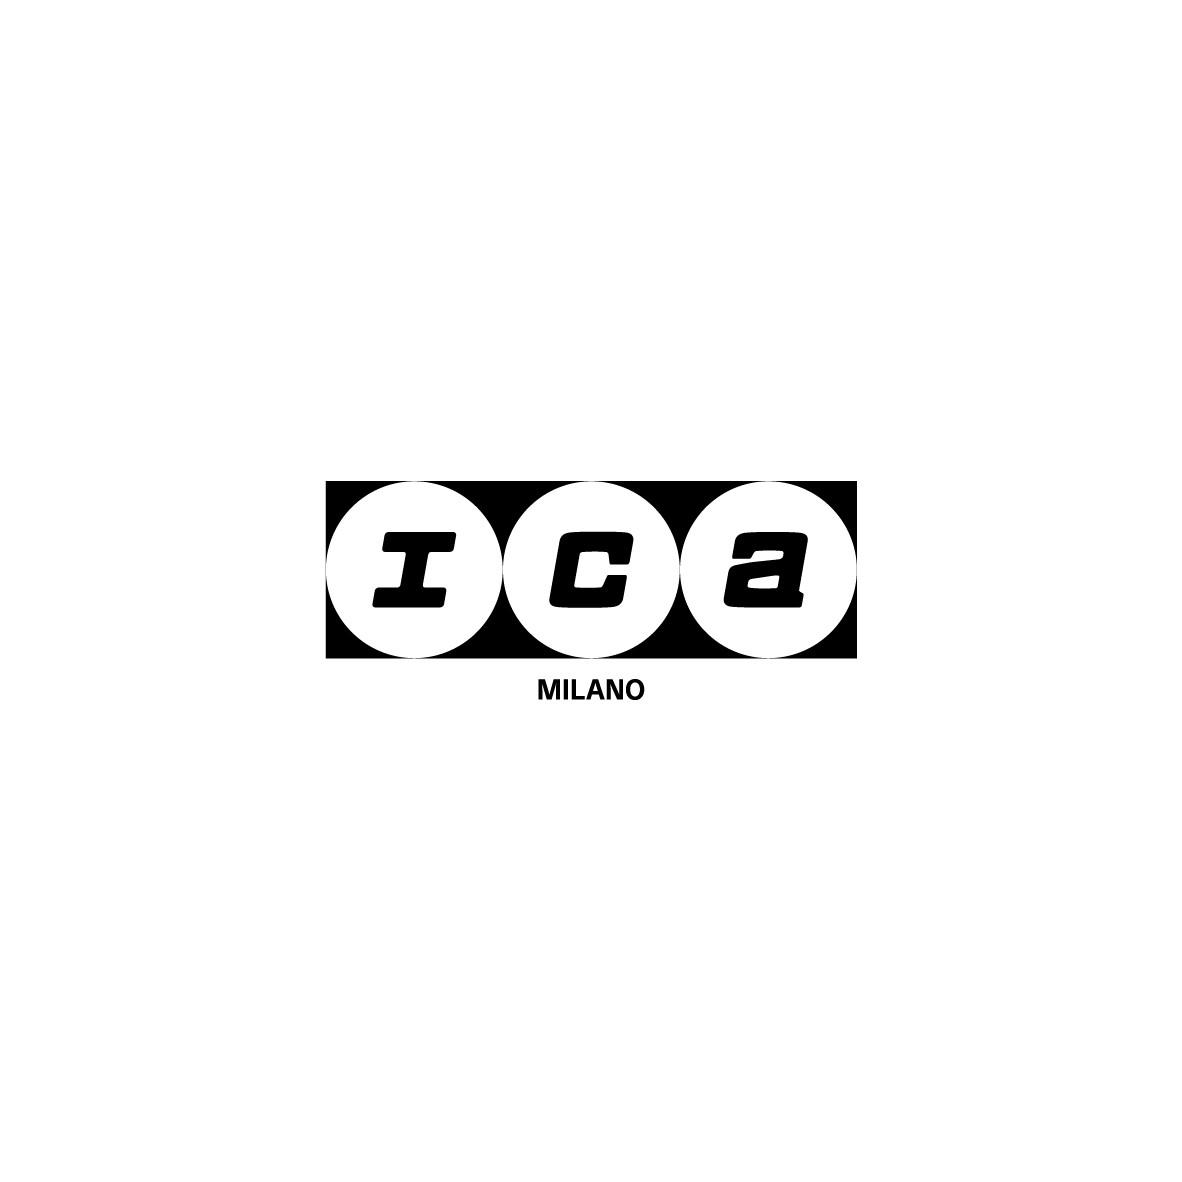 Fondazione ICA Milano